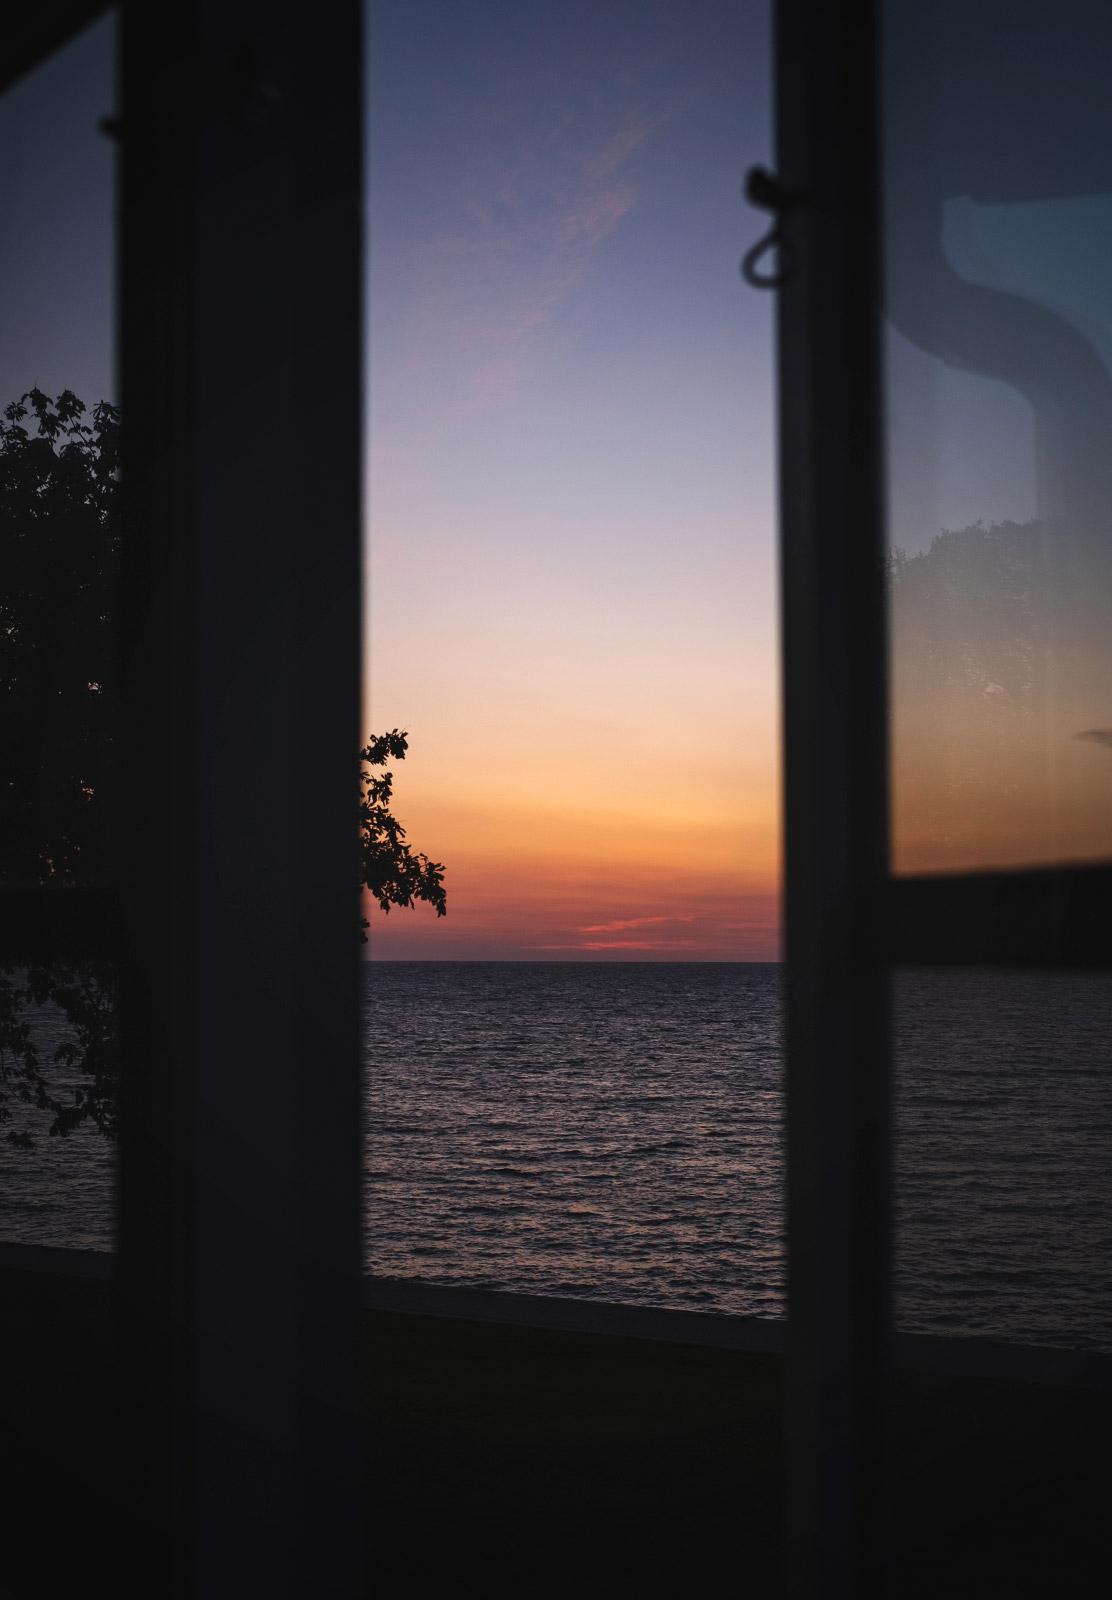 Sunset through open window